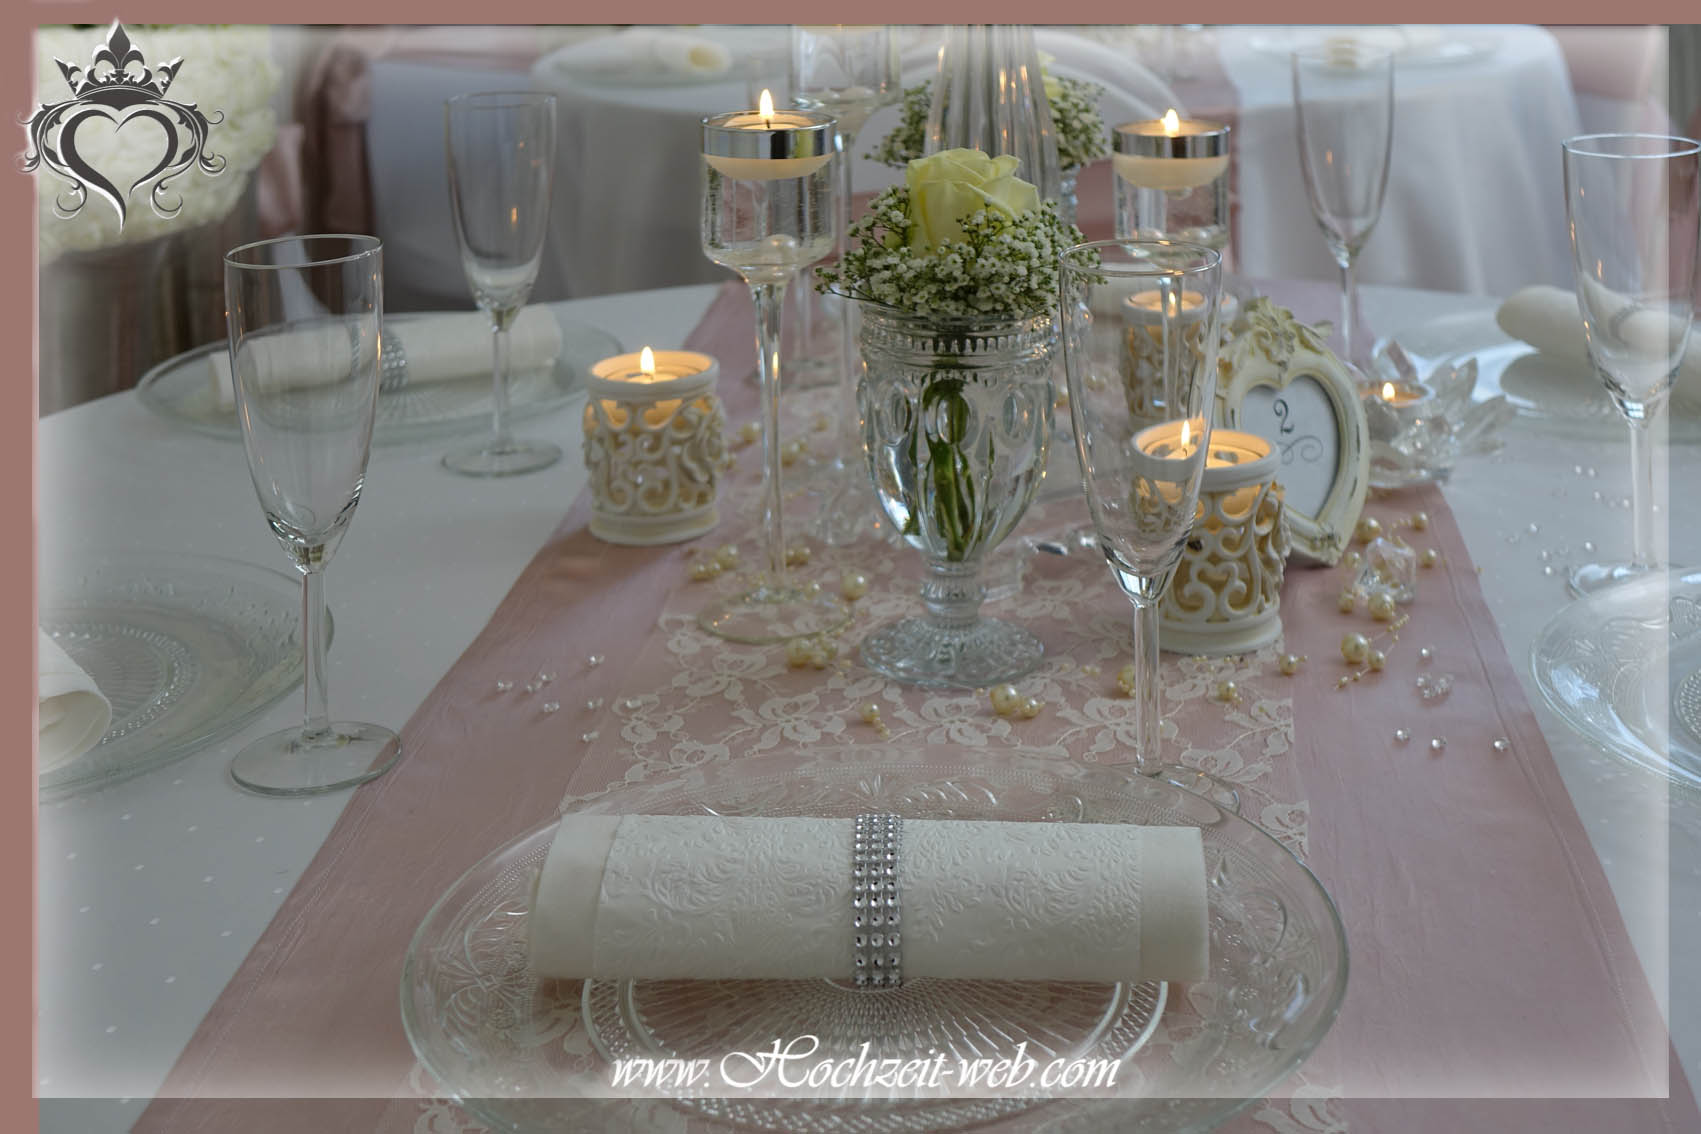 Glas Platzteller Oder Platzteller In Goldene Farbe